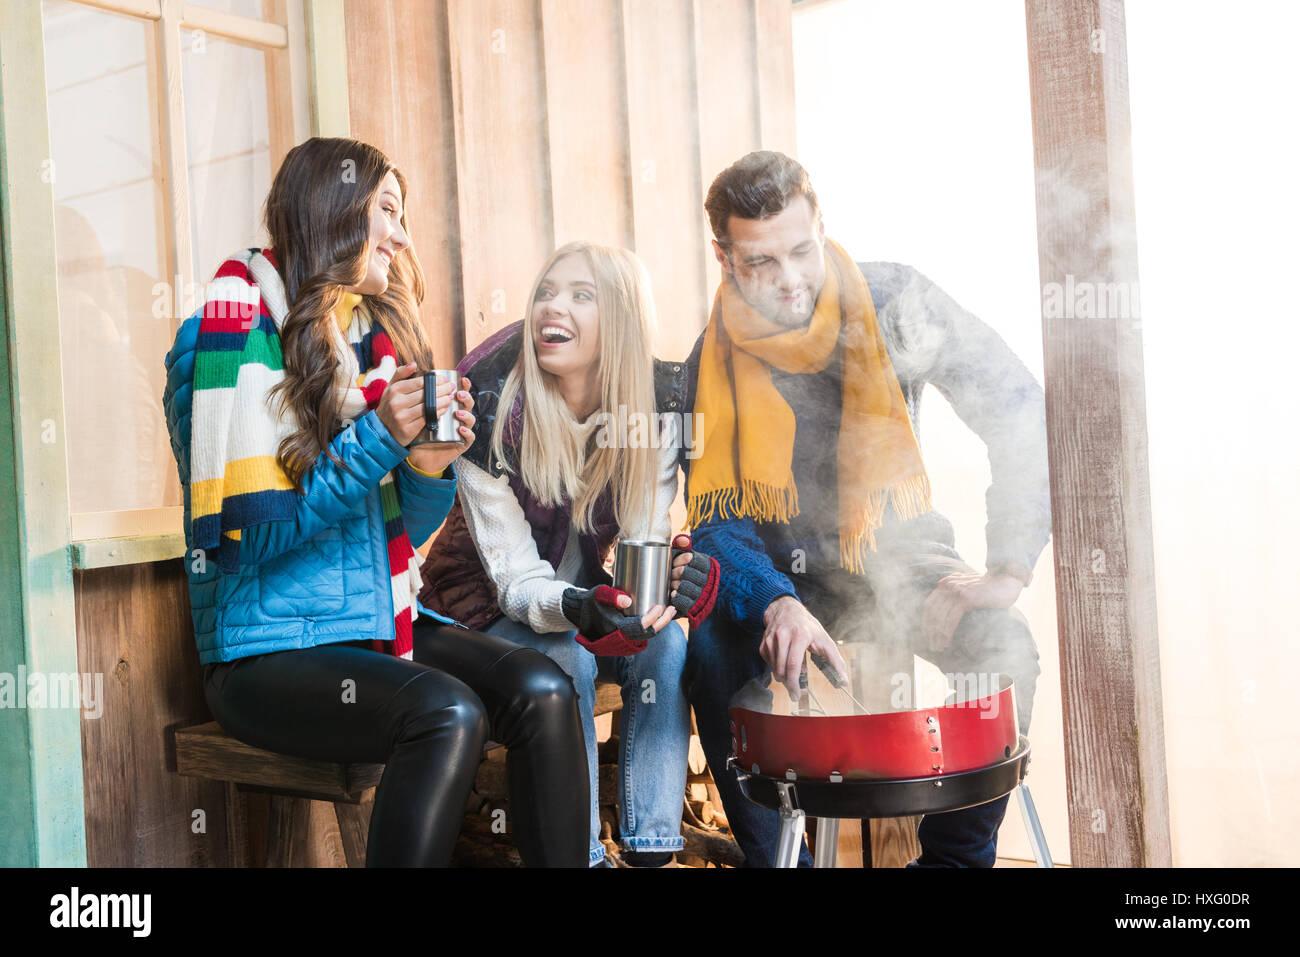 Glückliche junge Freunde heißen Tee trinken und Grillen von Fleisch auf Veranda Stockbild